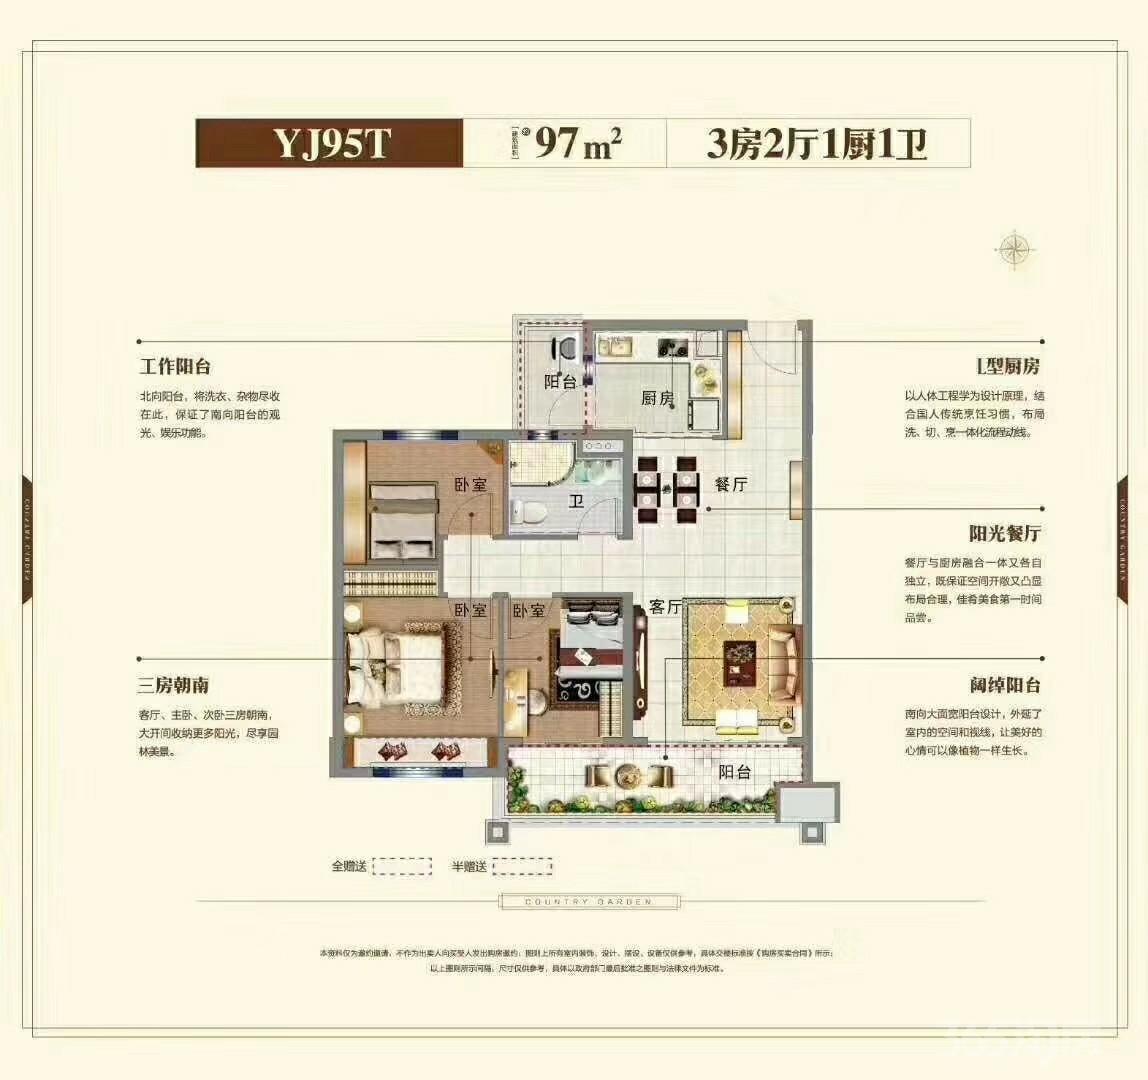 碧桂园大学印象3室2厅1卫97平米2019年产权房精装